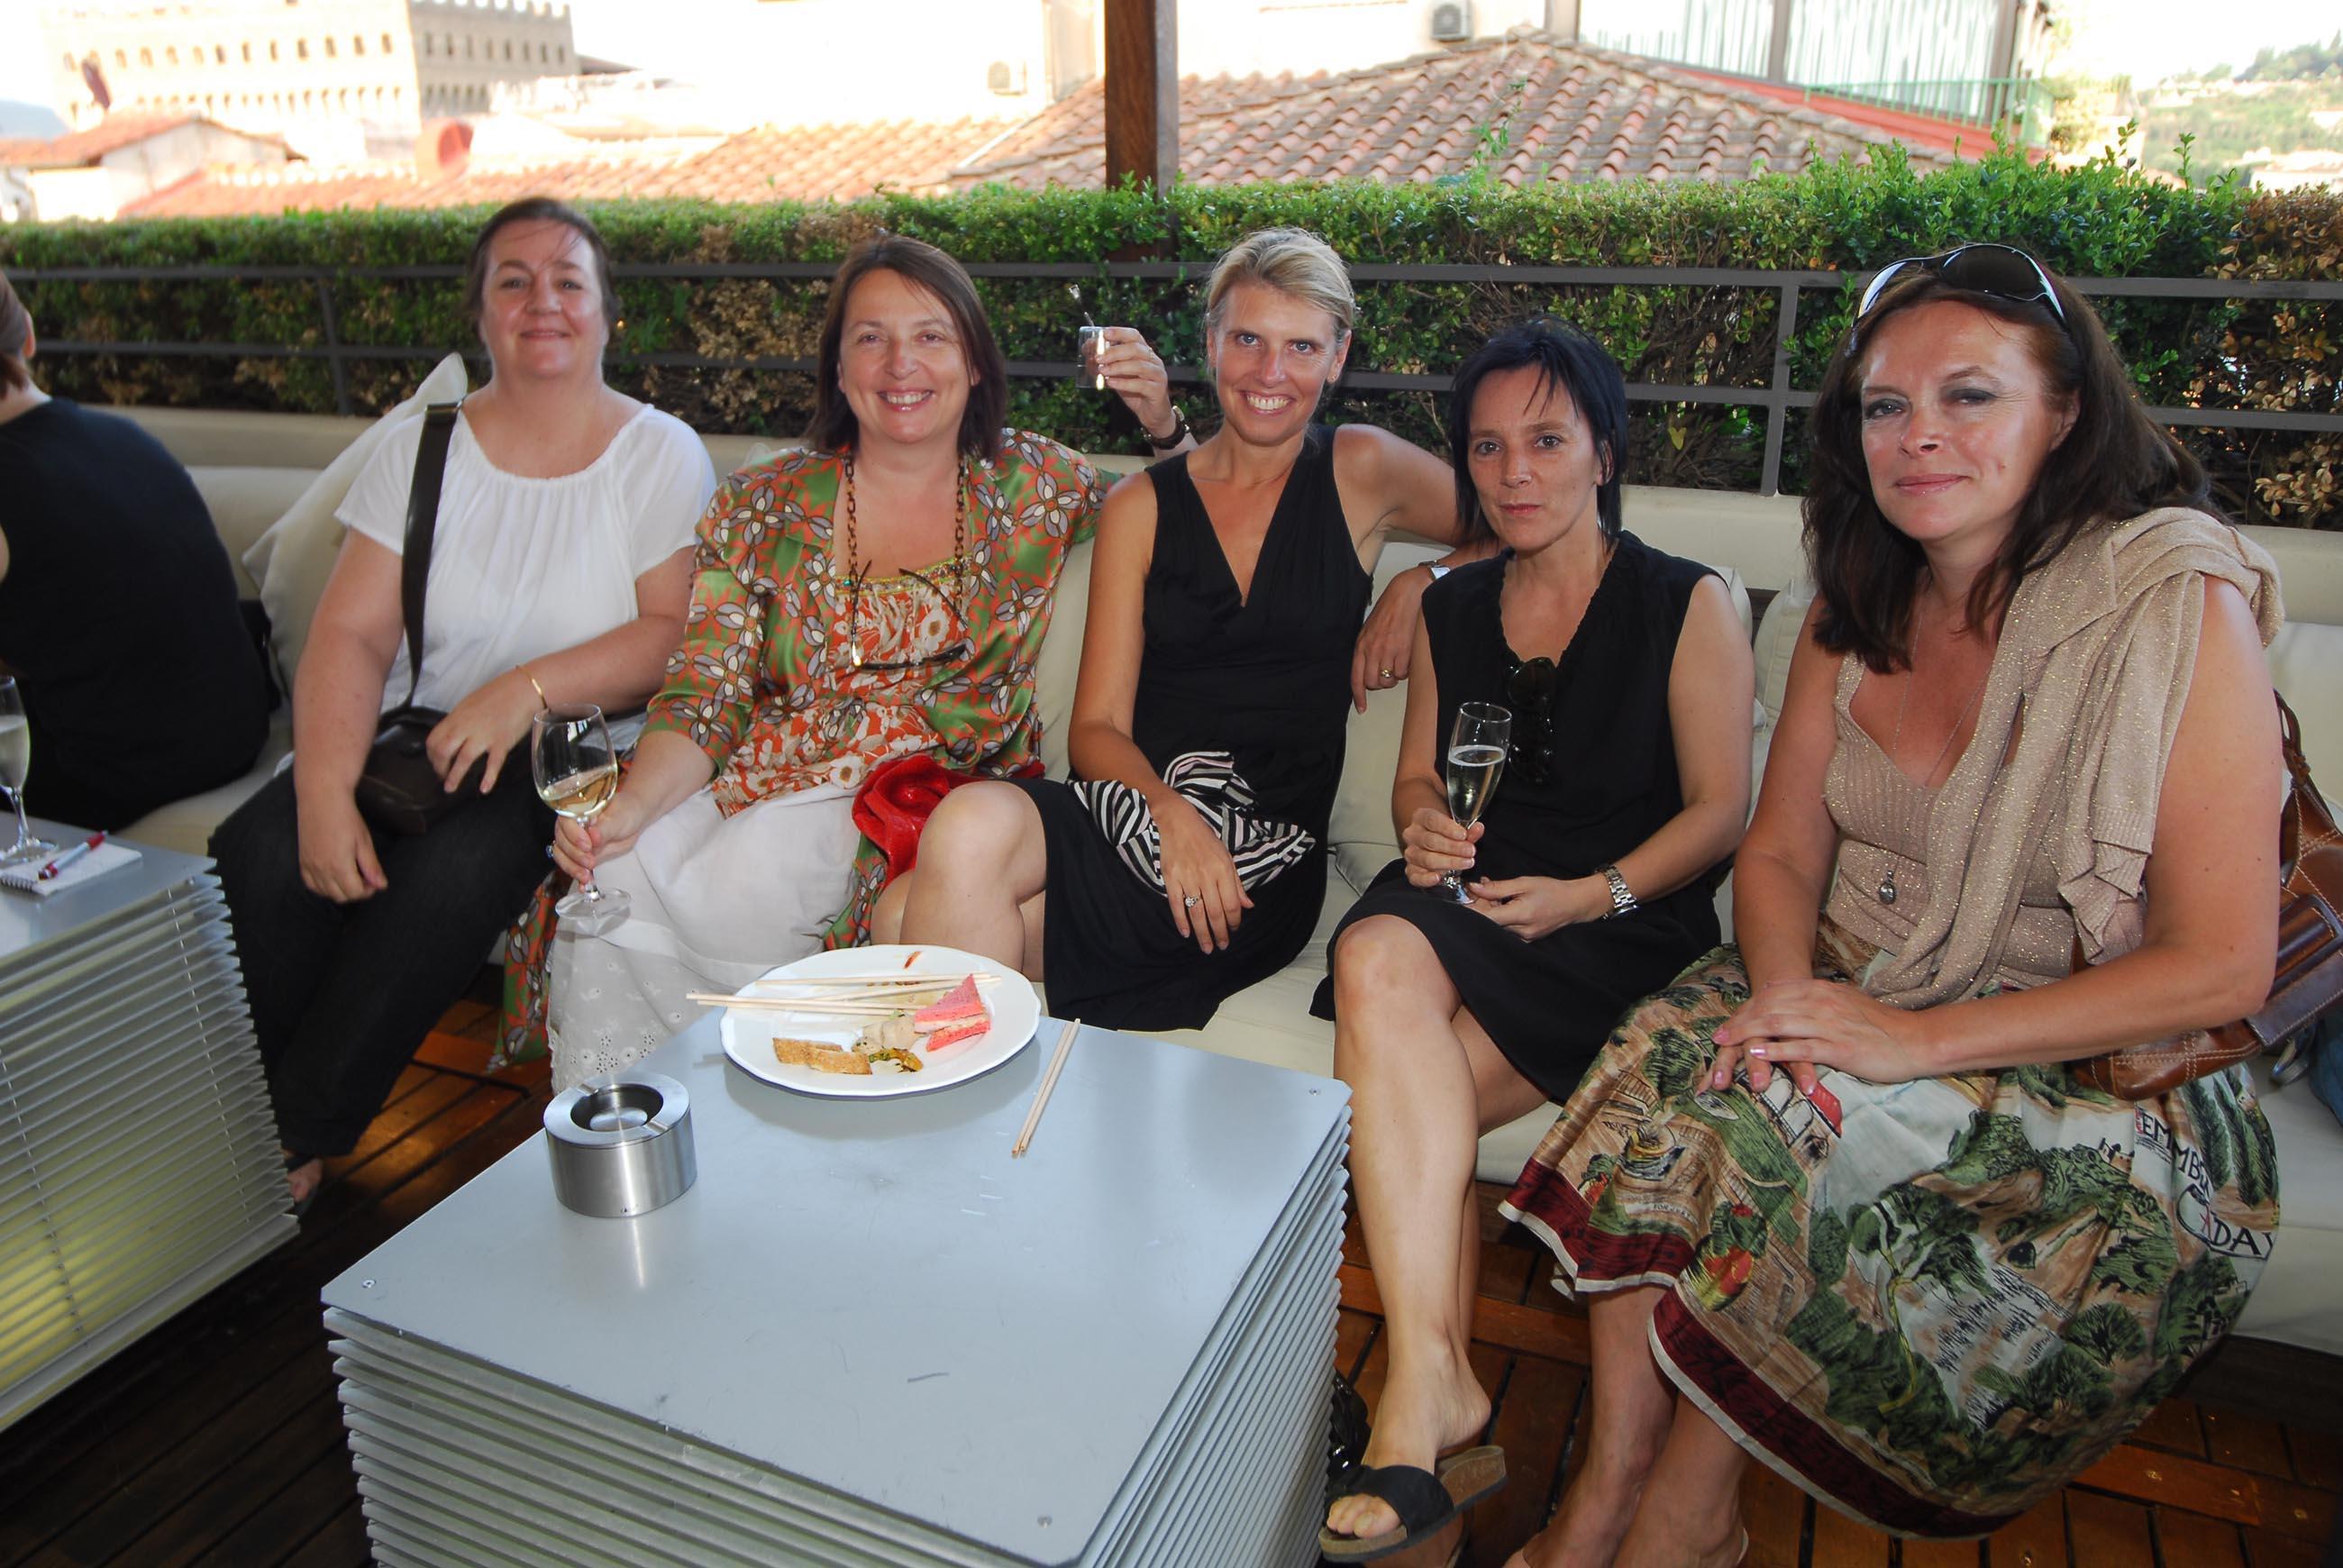 PRESSPHOTO  Firenze, Hotel Continentale. Nella foto ANn Coppens, Sofie Mattkys, Anduck Robyn, Annalenc, Kriste Rommen